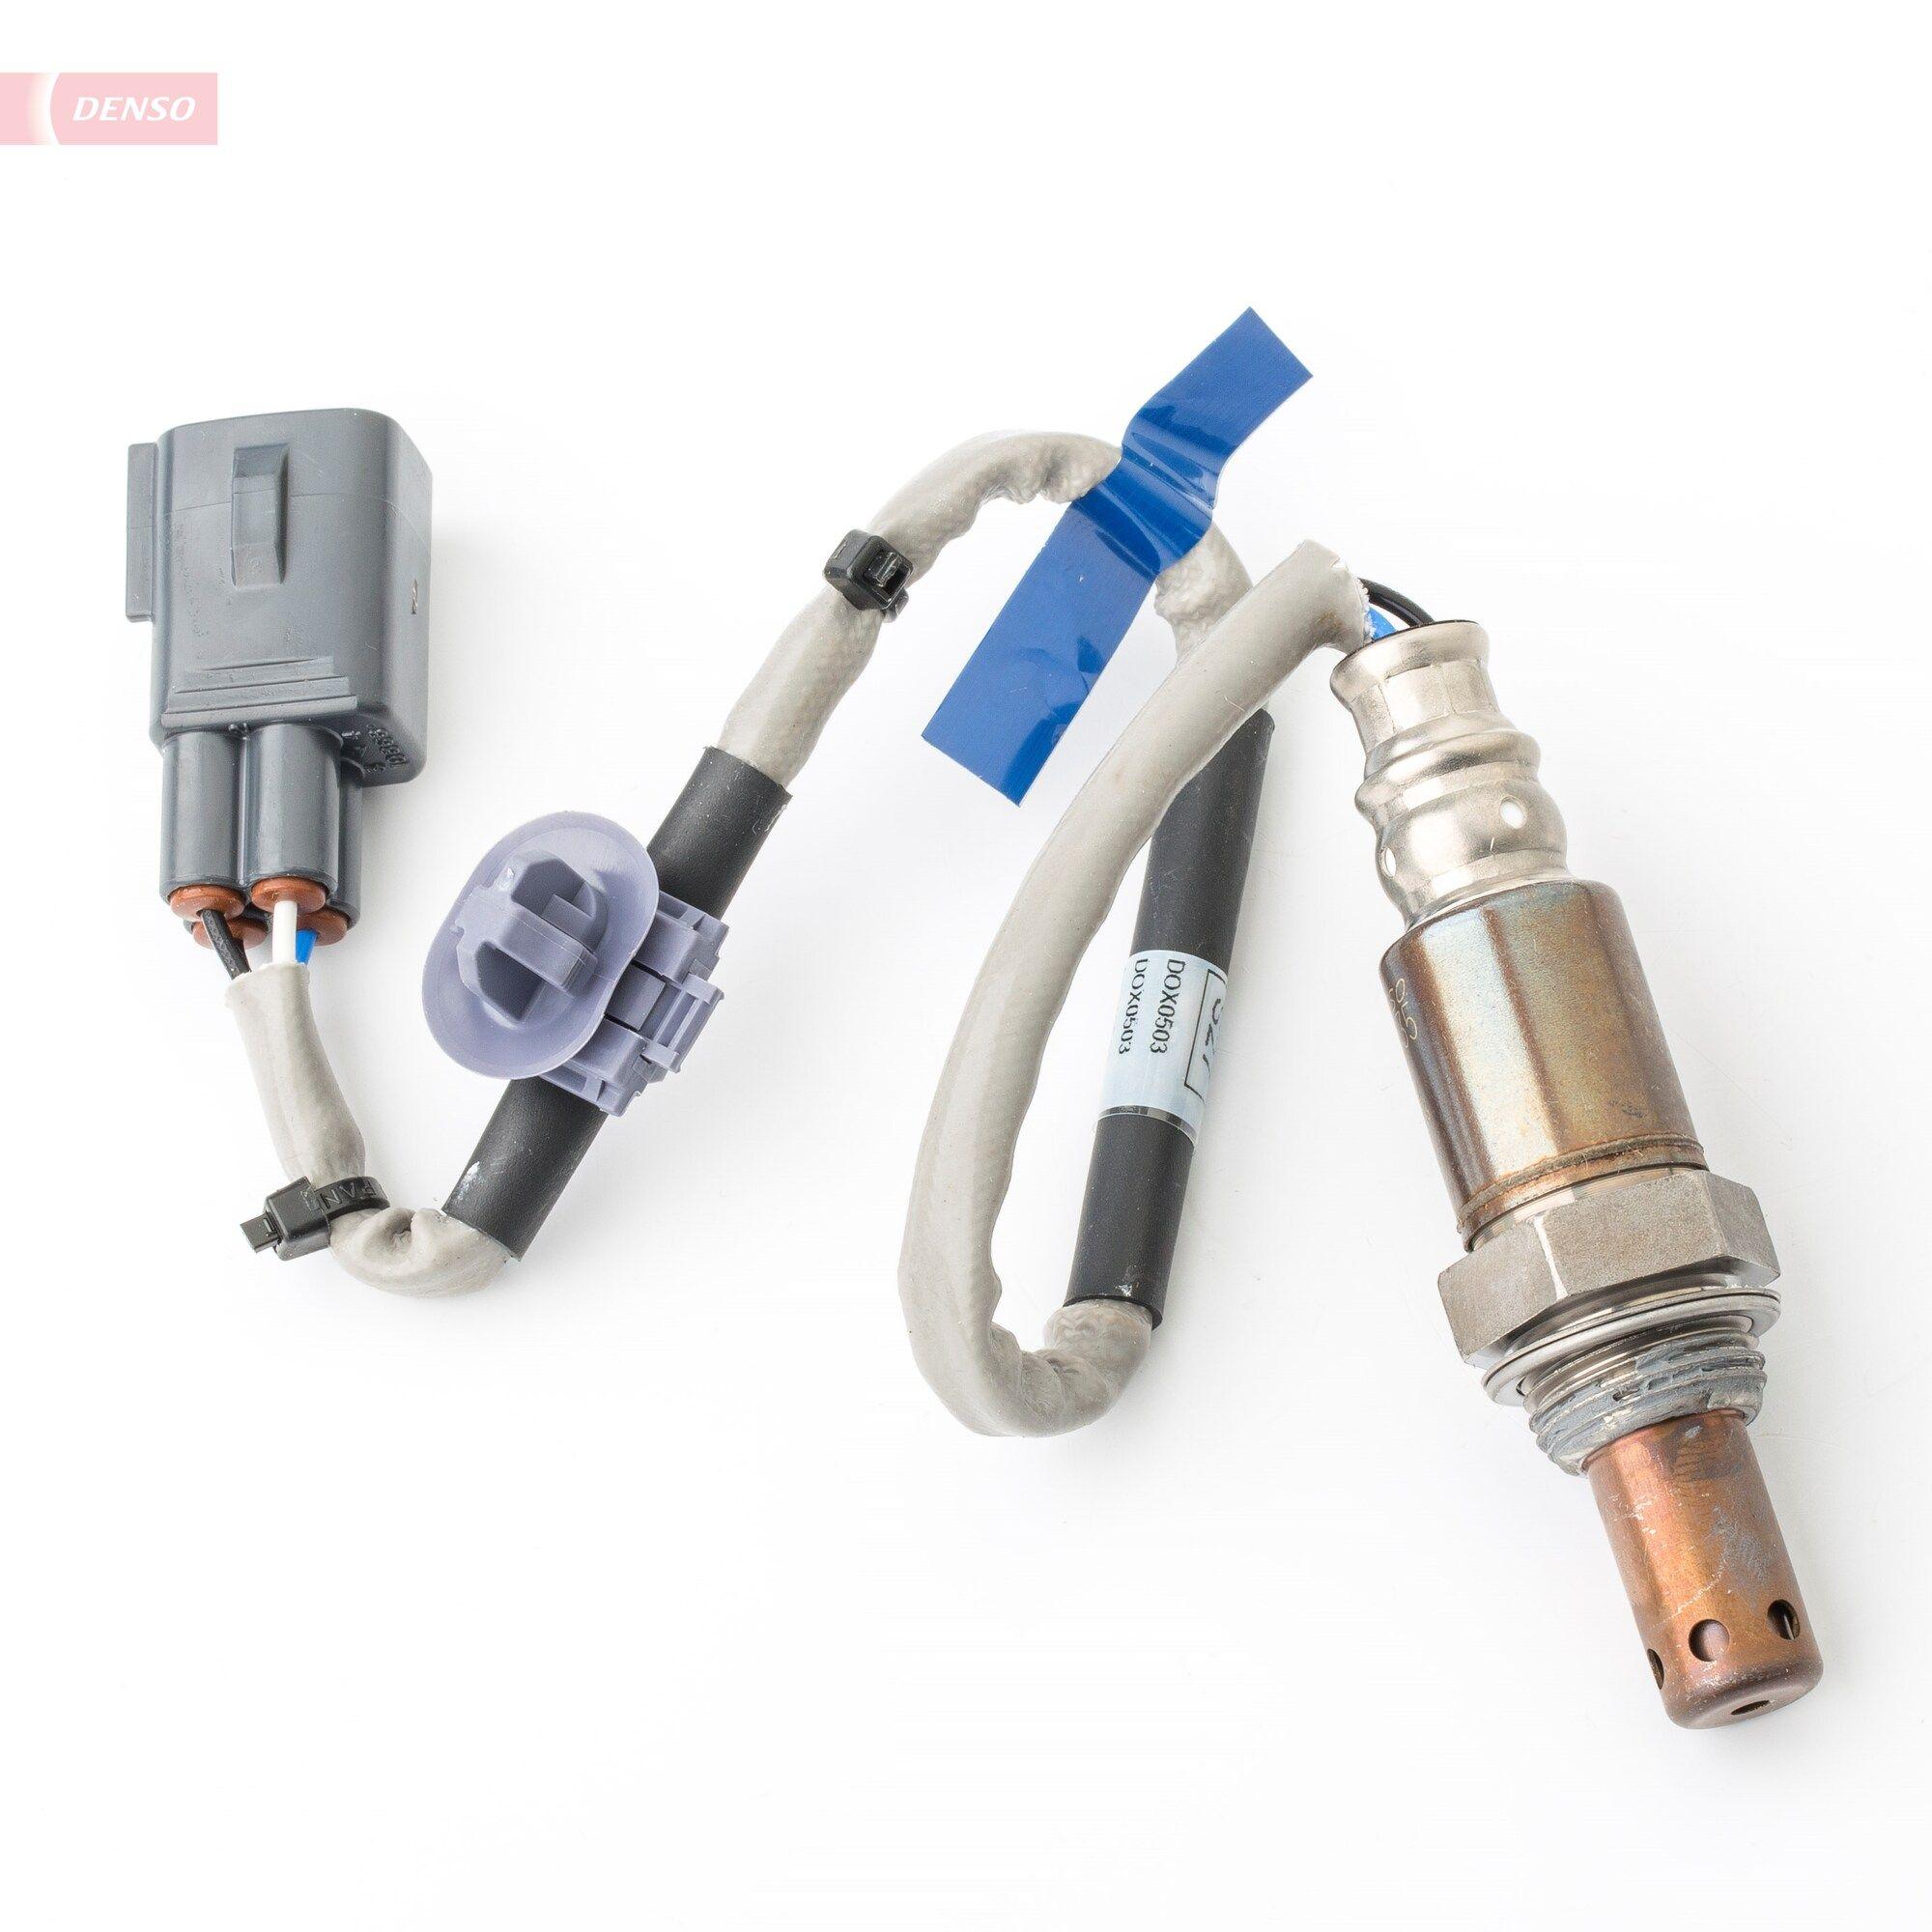 Köp DENSO DOX-0503 - Sensorer, reläer, styrenheter till Toyota: Kabellängd: 380mm